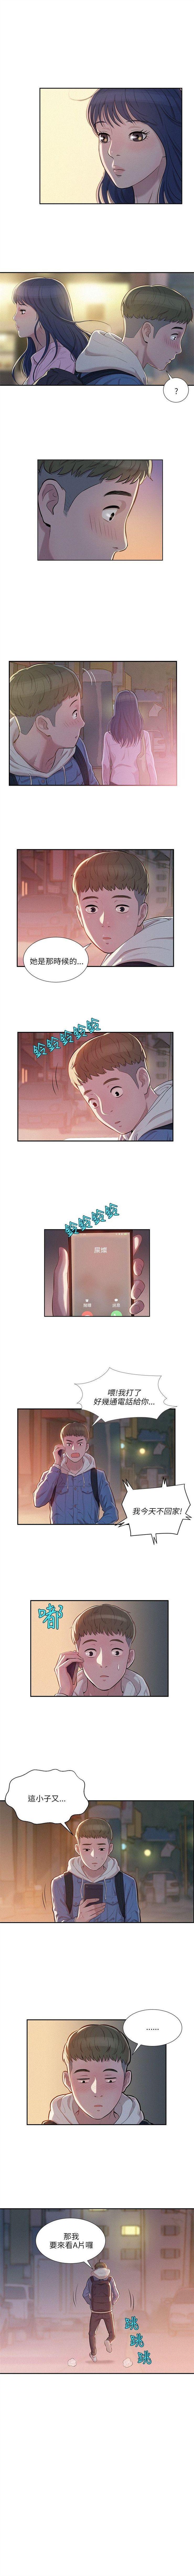 新生淫乱日记 1-61完结(中文) 17